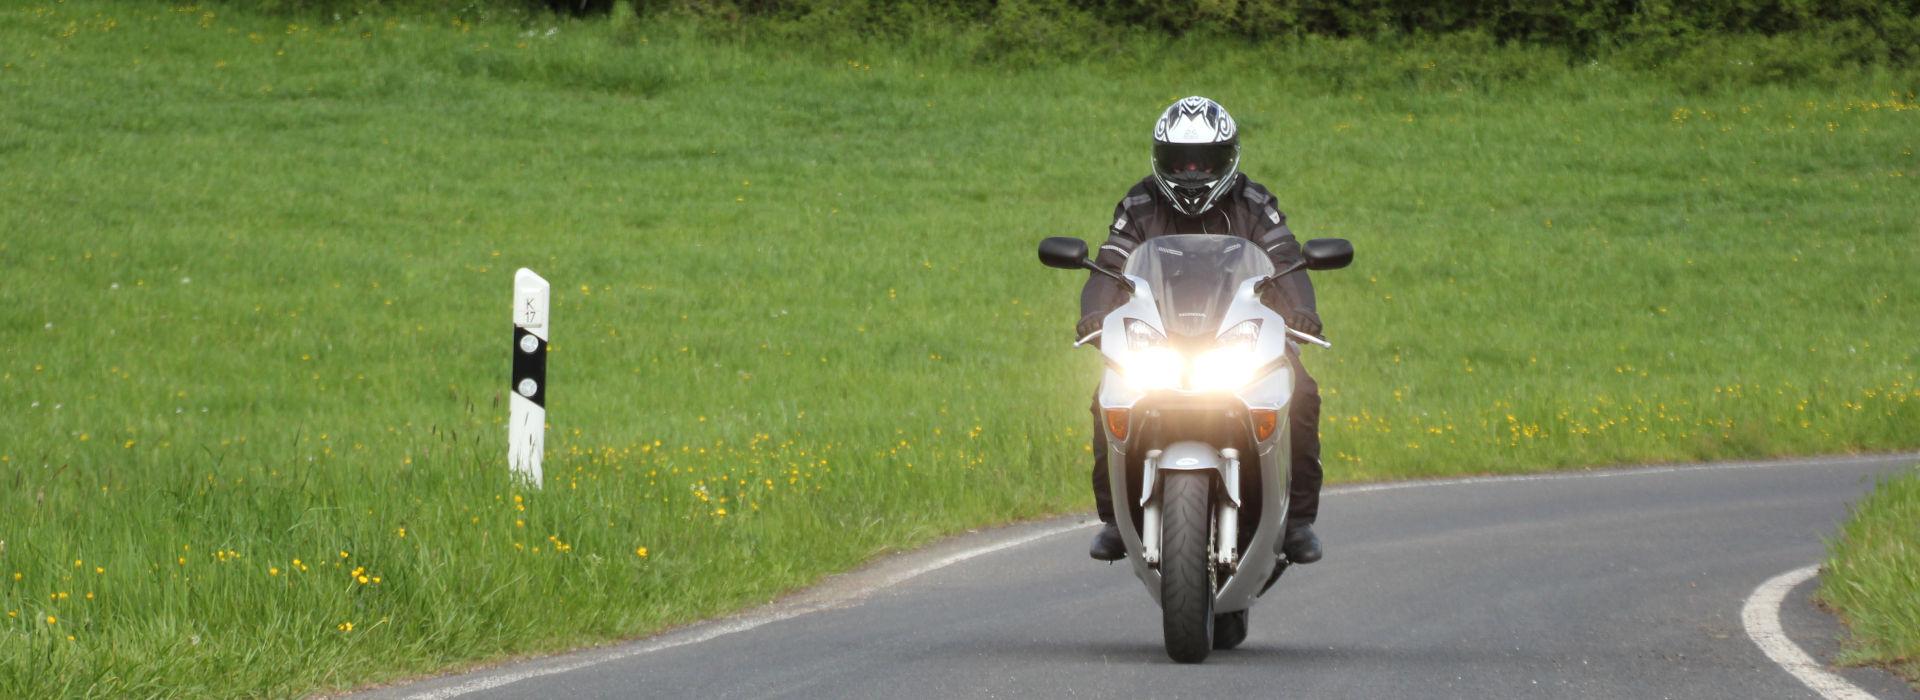 Motorrijbewijspoint Woerden snel motorrijbewijs halen